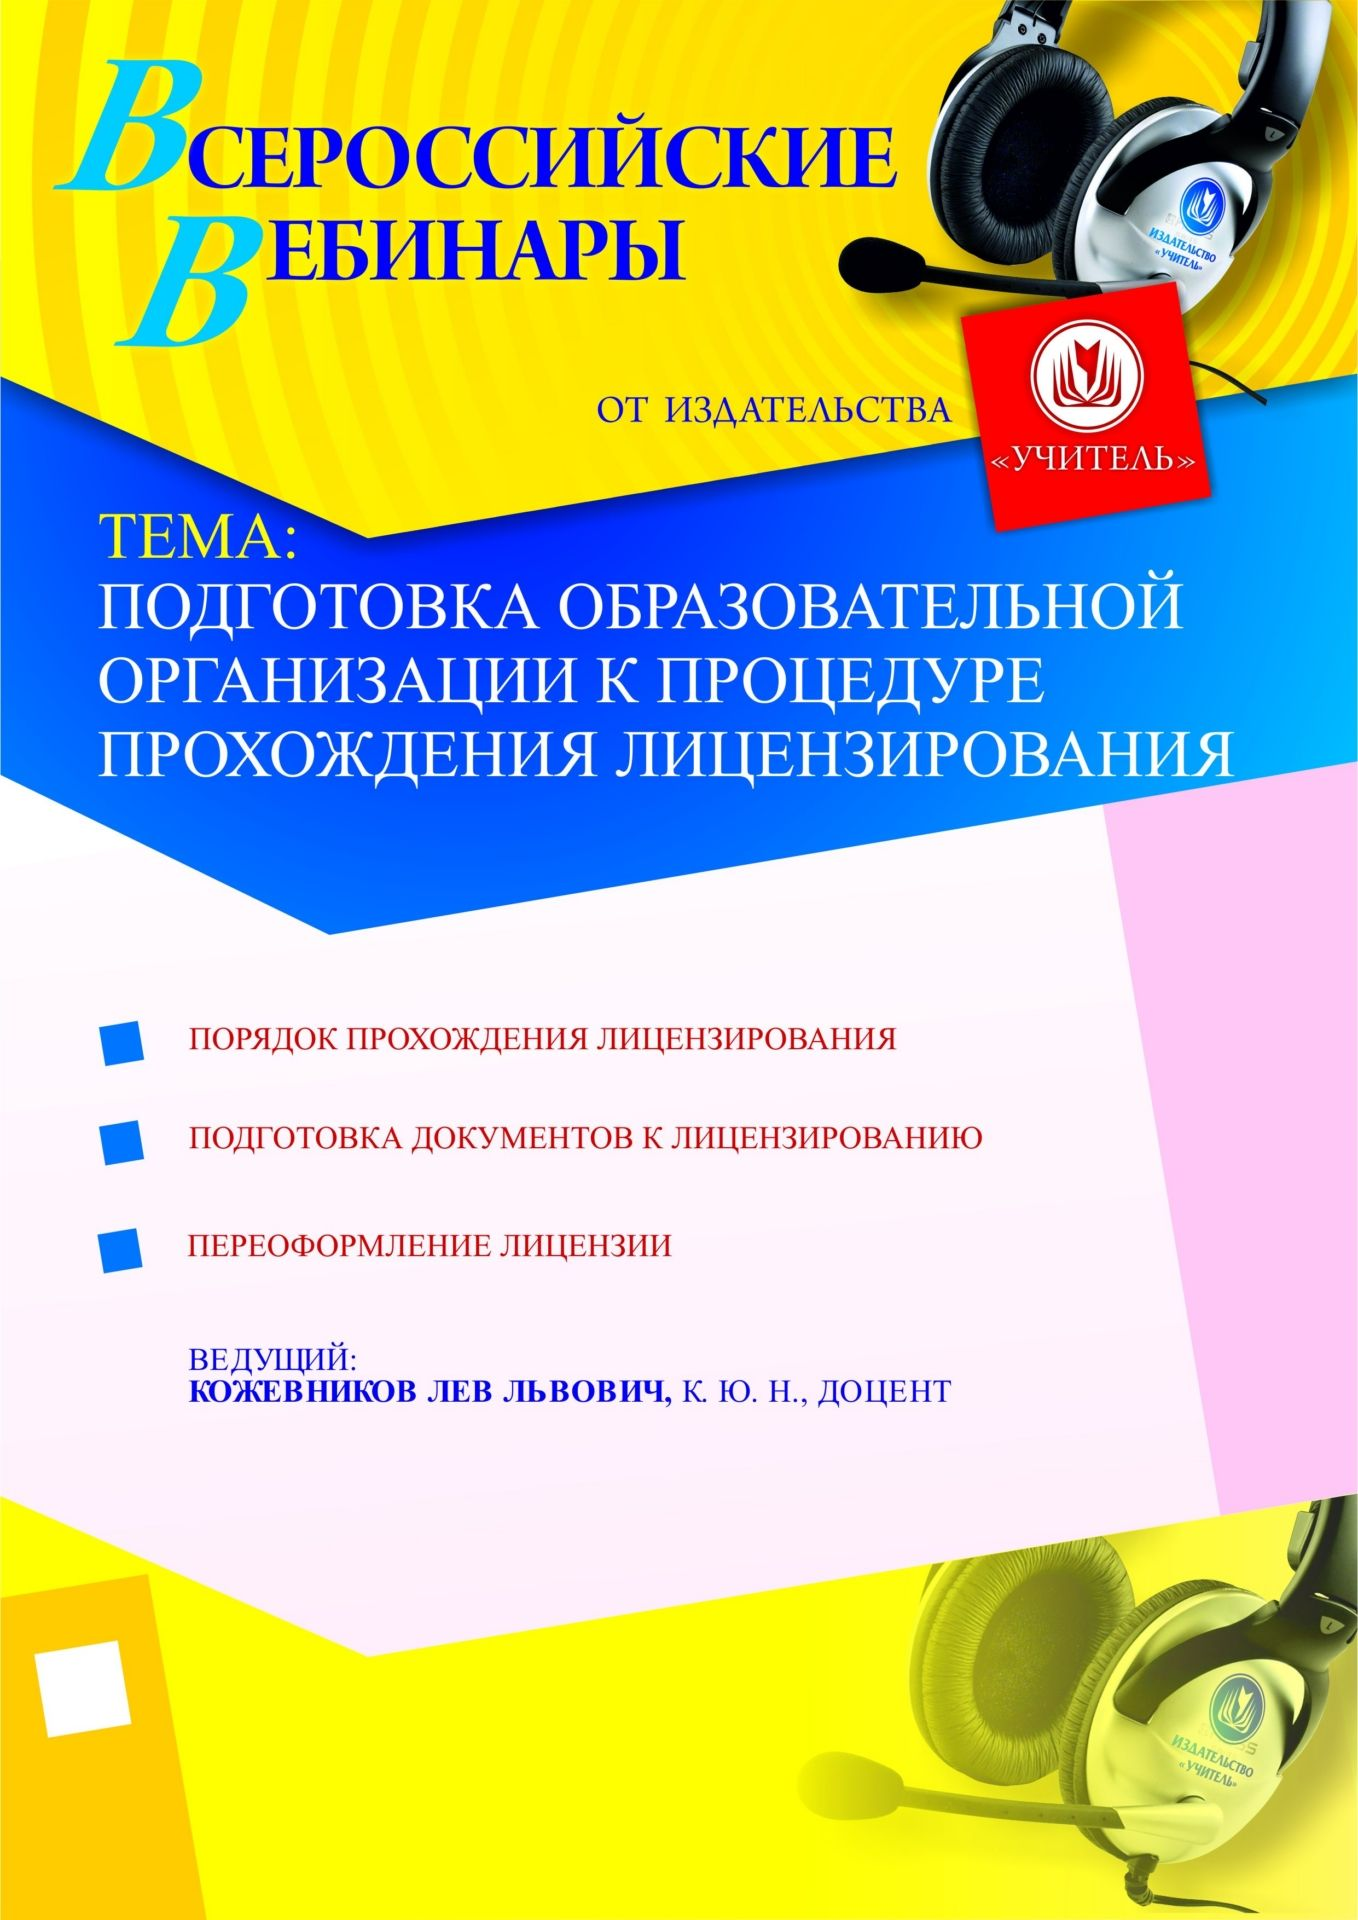 Подготовка образовательной организации к процедуре прохождения лицензирования фото